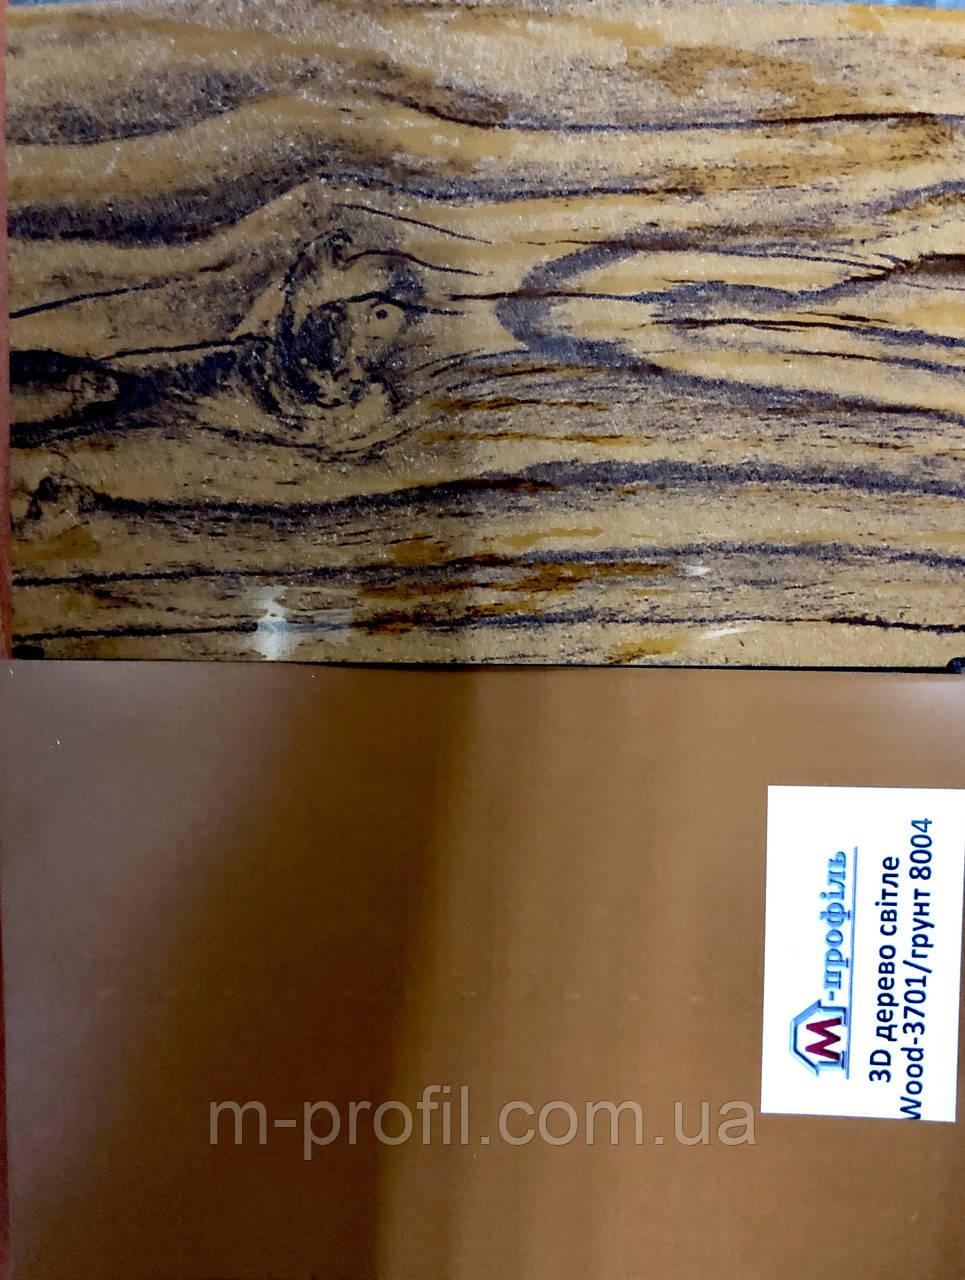 Профнастил ПС-8 3D дерево/грунт 8004/8017, толщина 0,40мм